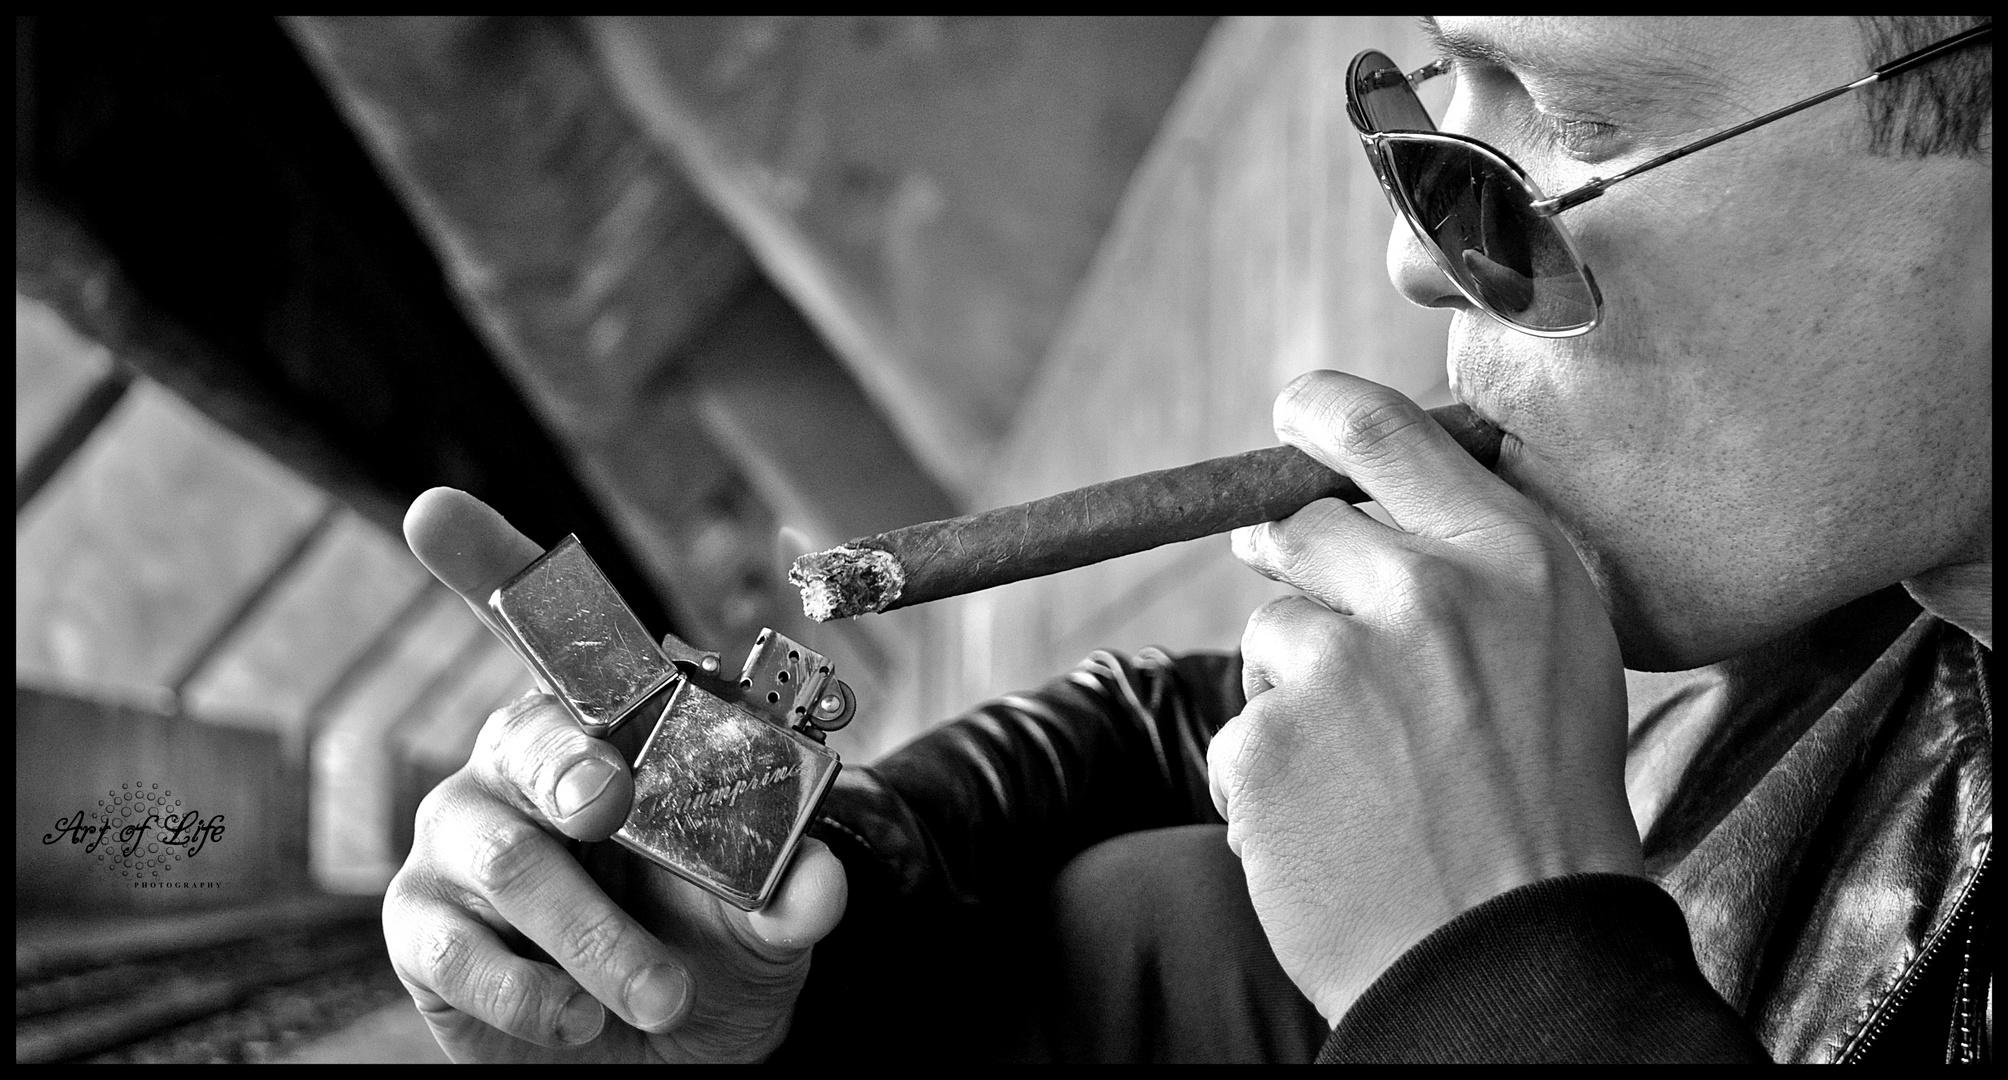 Rauchen kann tödlich sein....